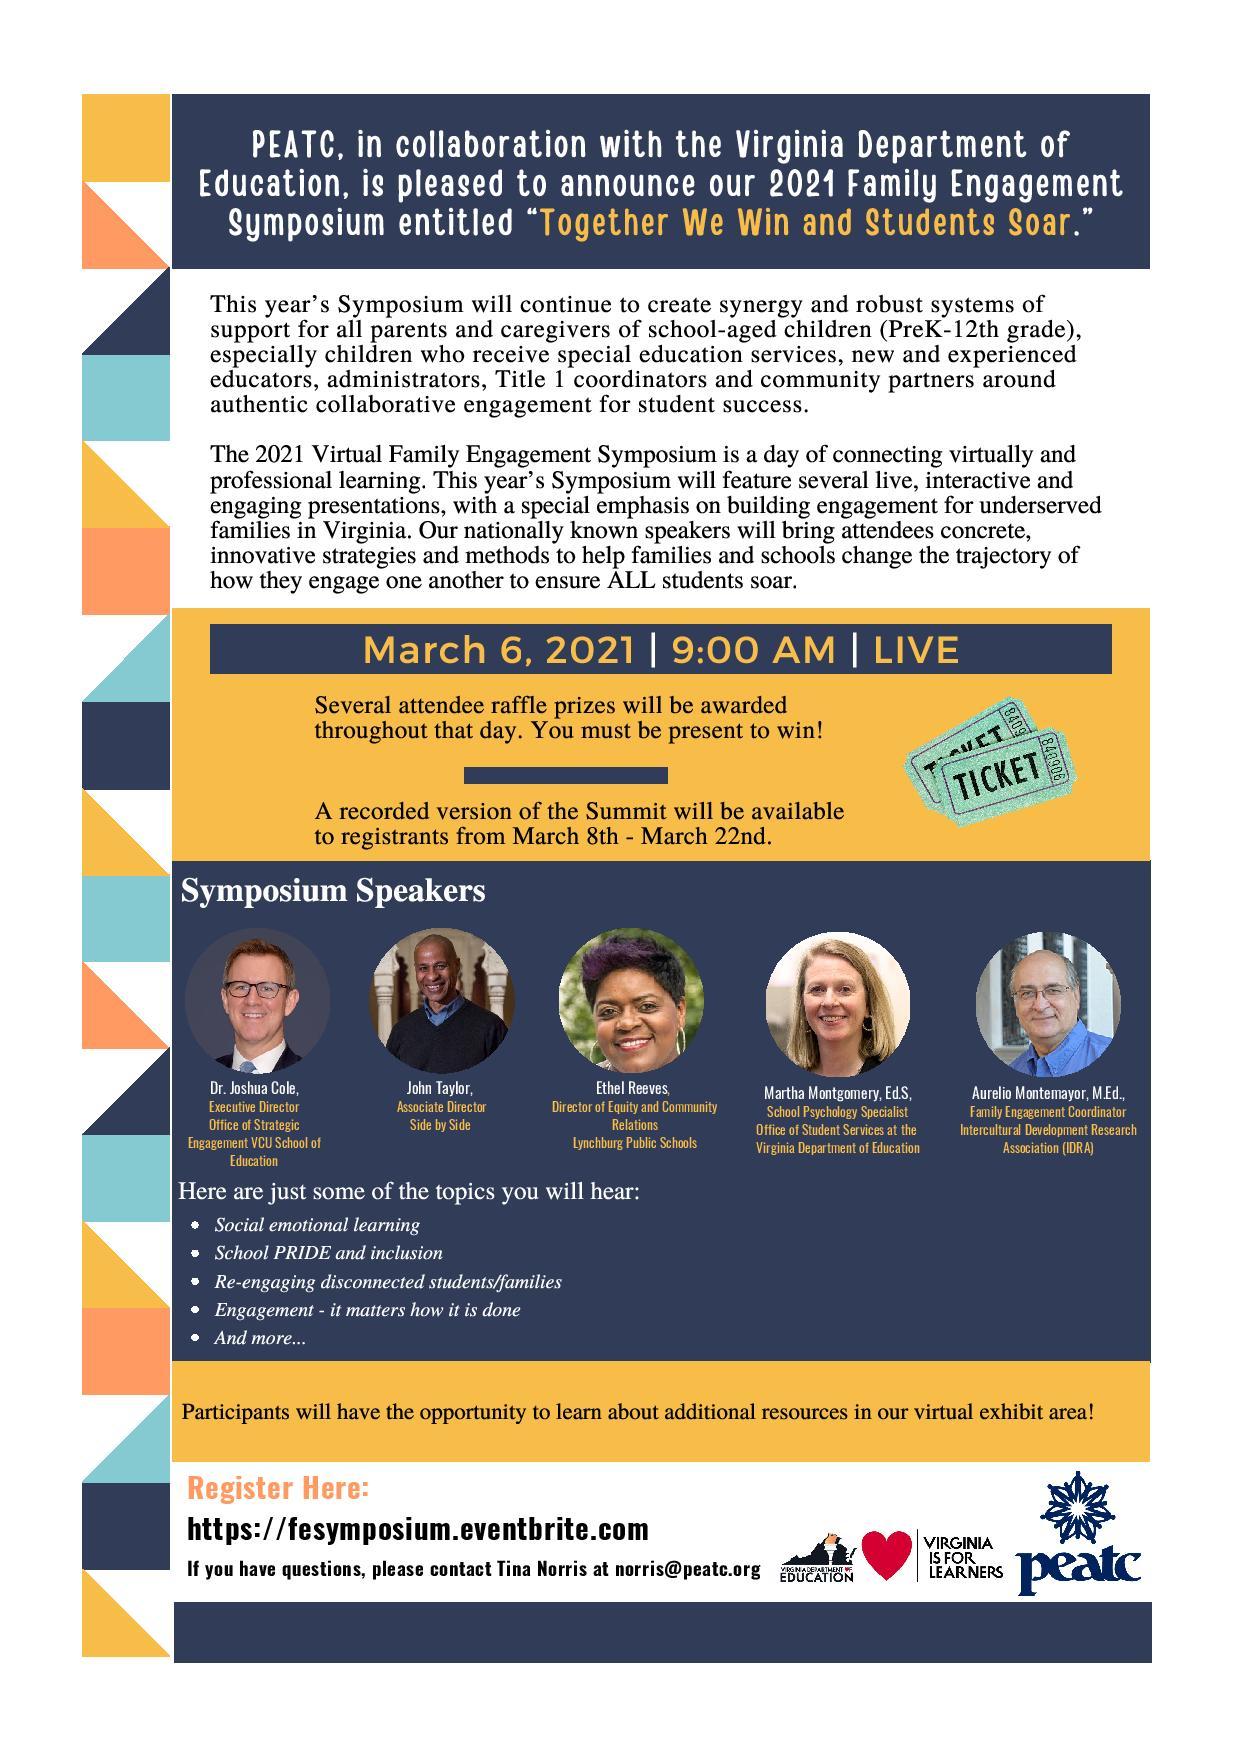 2021 Family Engagement Symposium